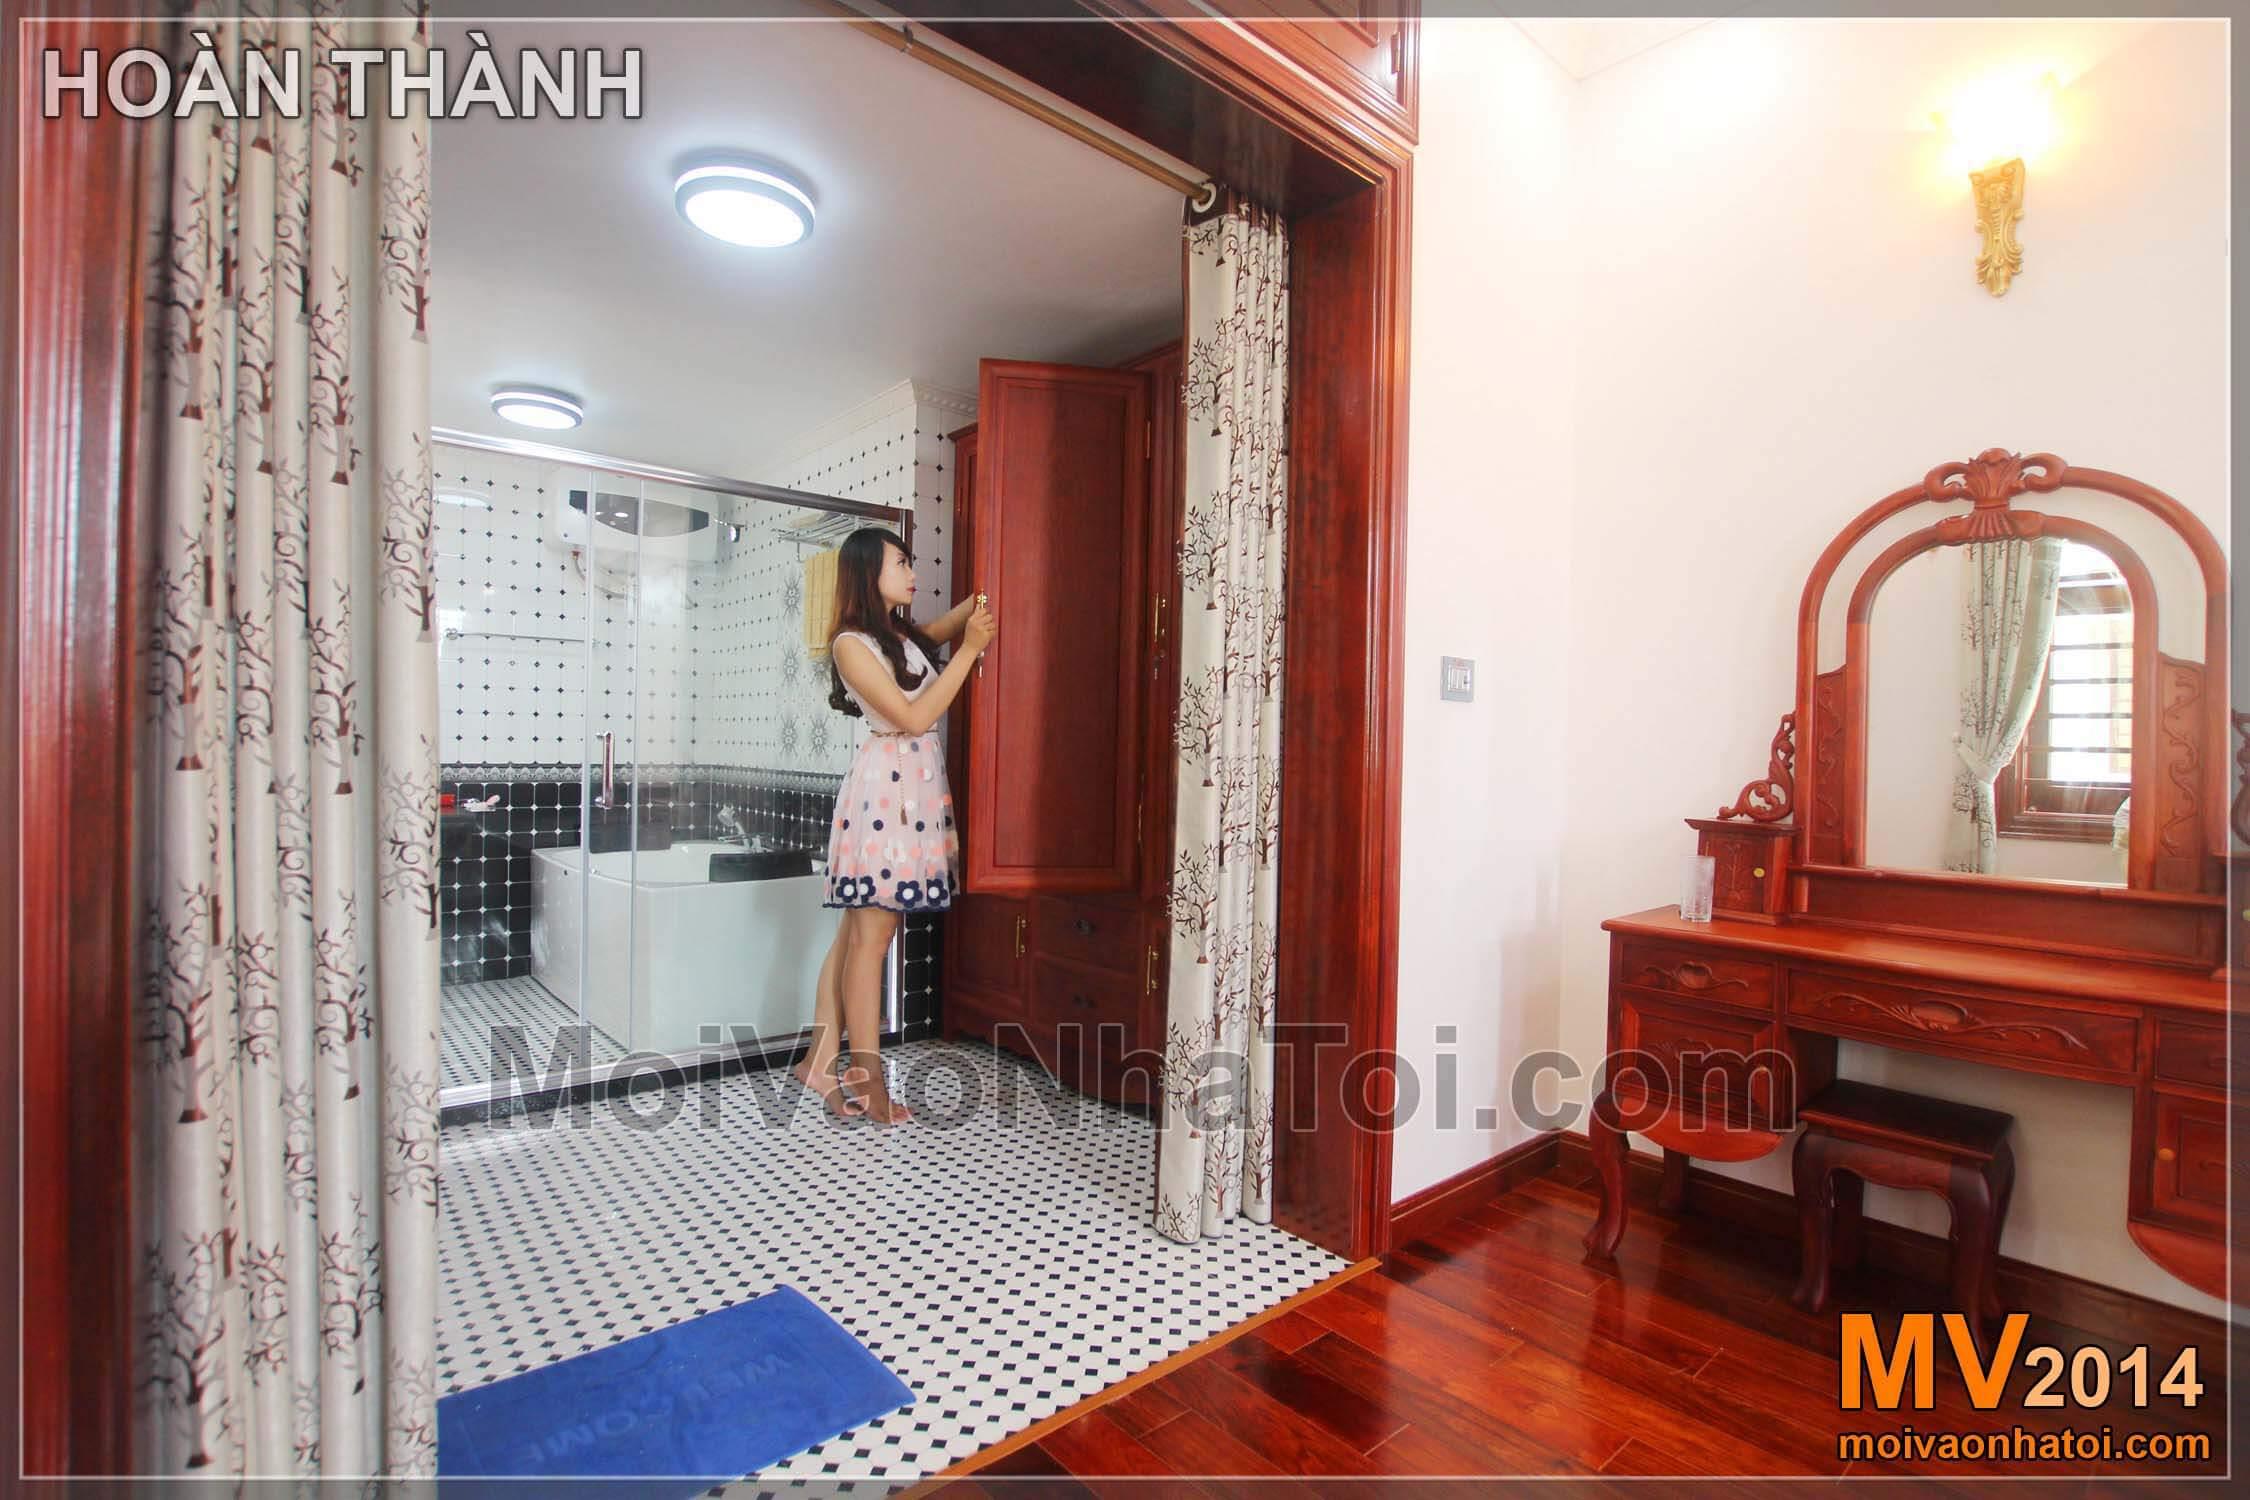 Phòng tắm và thay đồ với vách kính